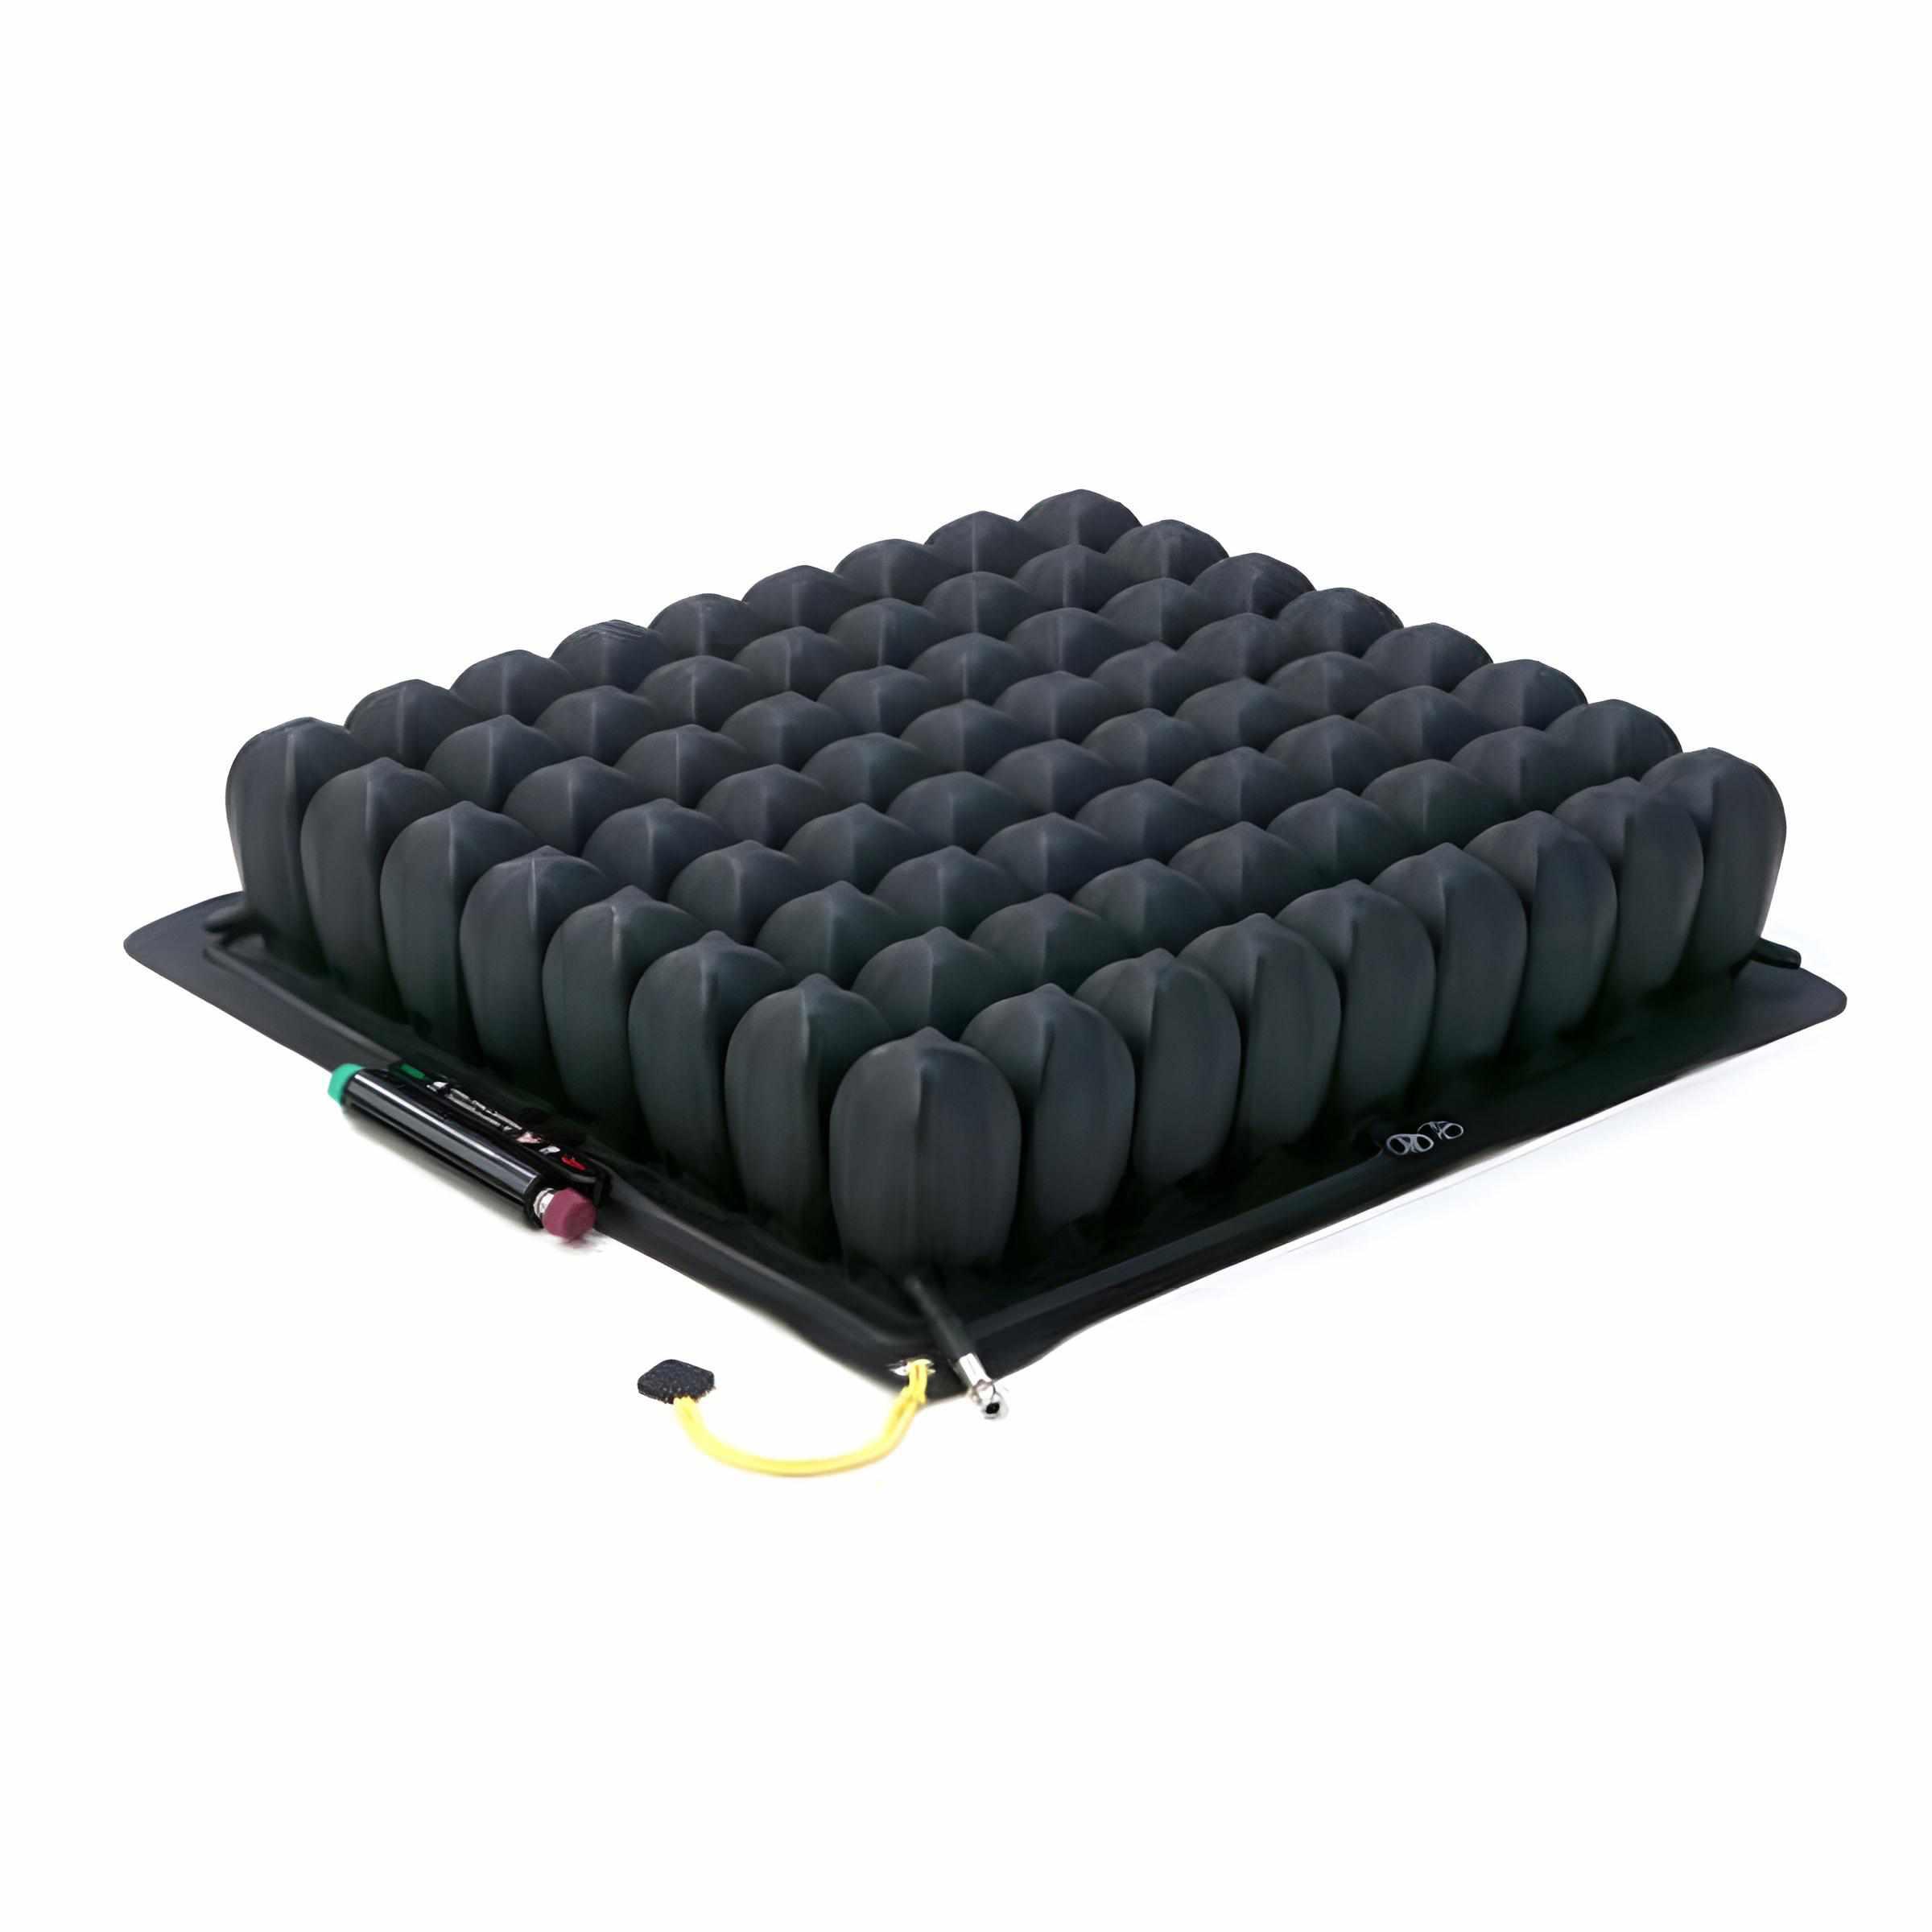 Roho Quadtro select mid profile cushion